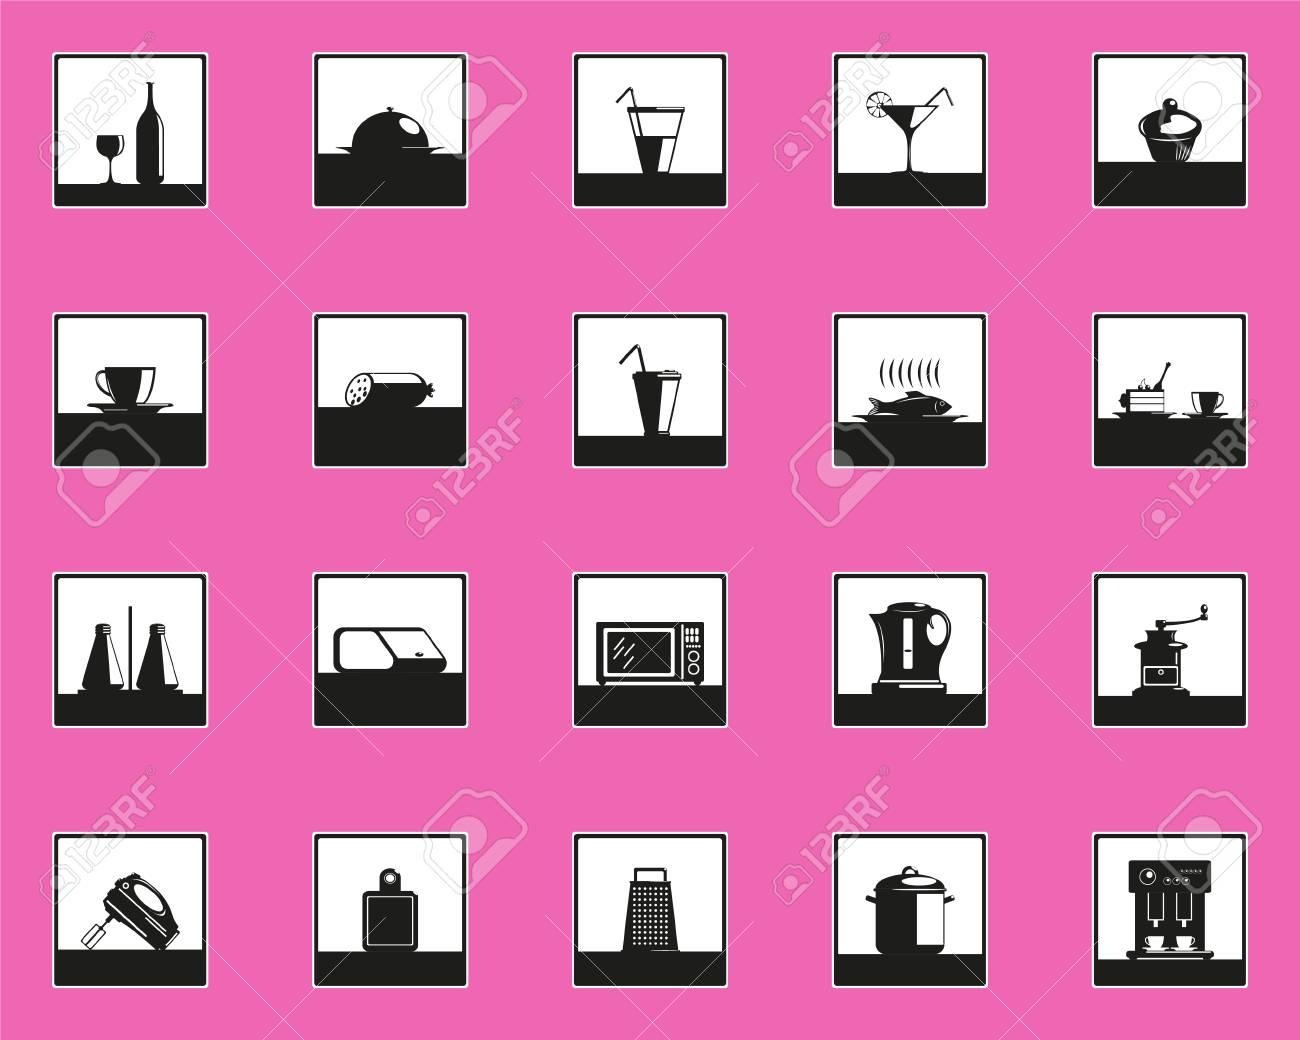 Set Von Vektor Icons Auf Dem Thema Der Kuchenzubehor Lizenzfrei Nutzbare Vektorgrafiken Clip Arts Illustrationen Image 98551748